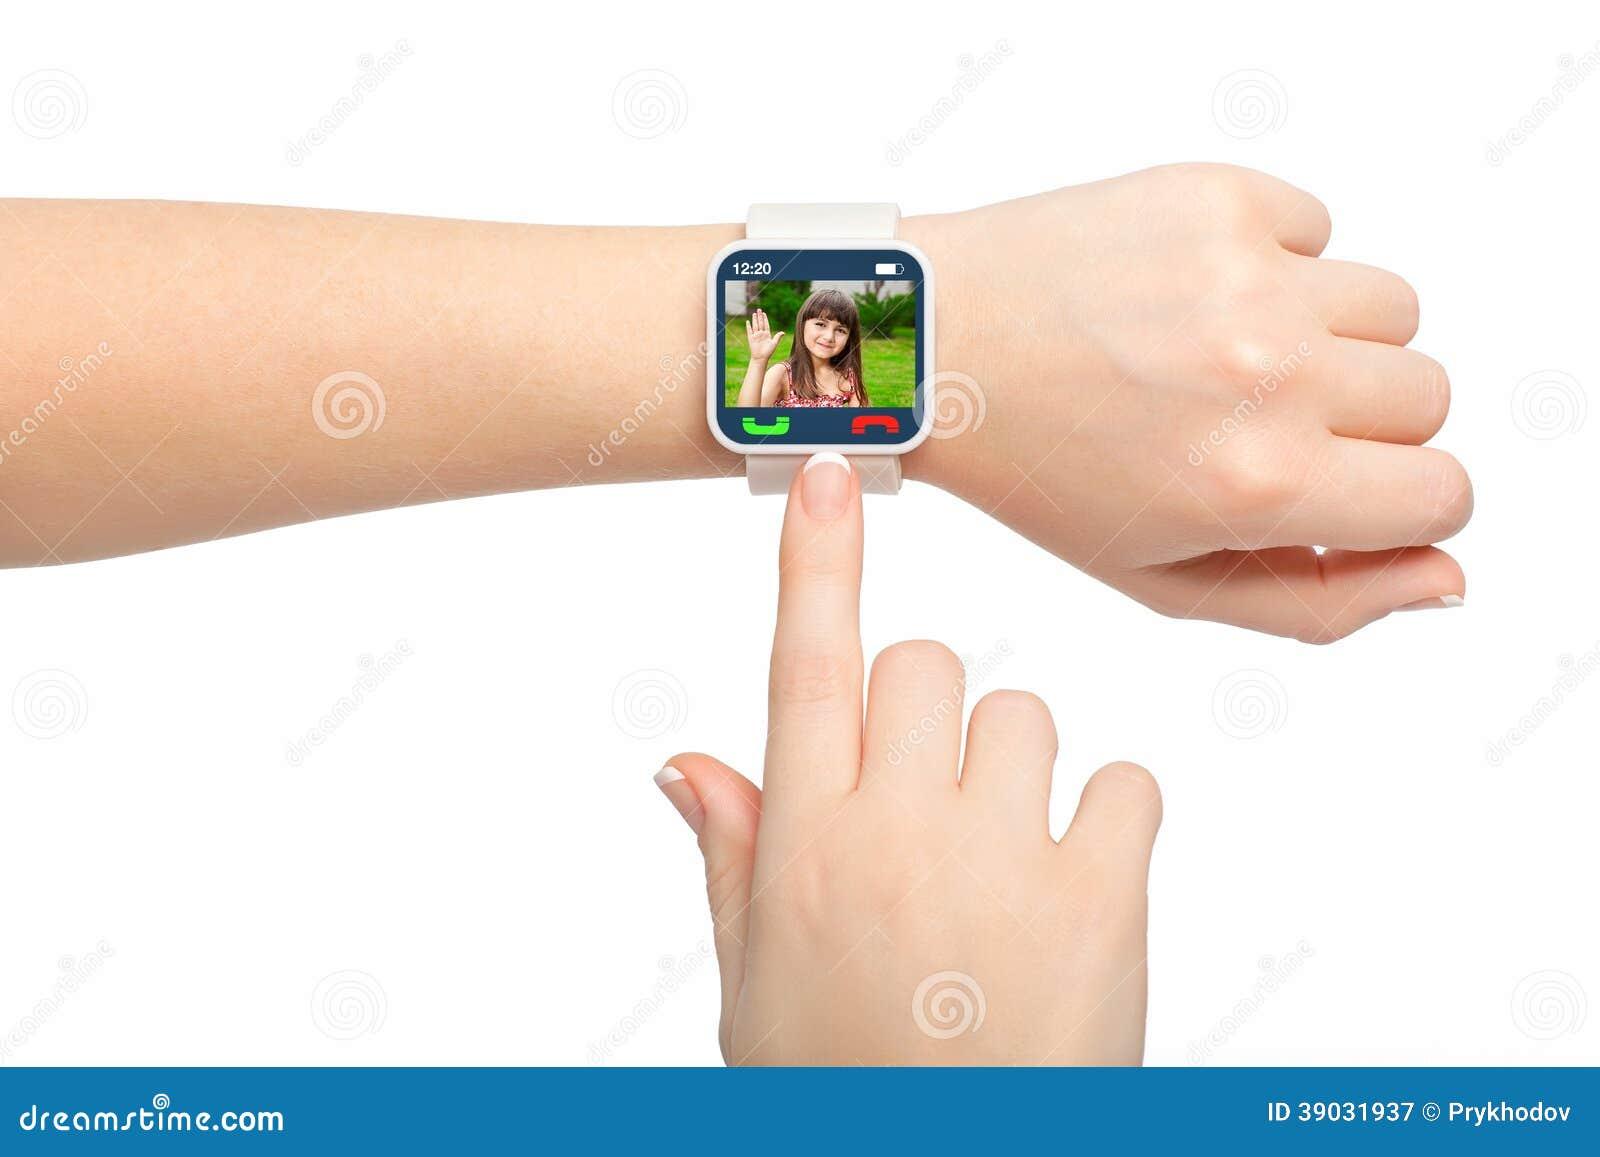 Geïsoleerde vrouwelijke handen met smartwatch videovraag